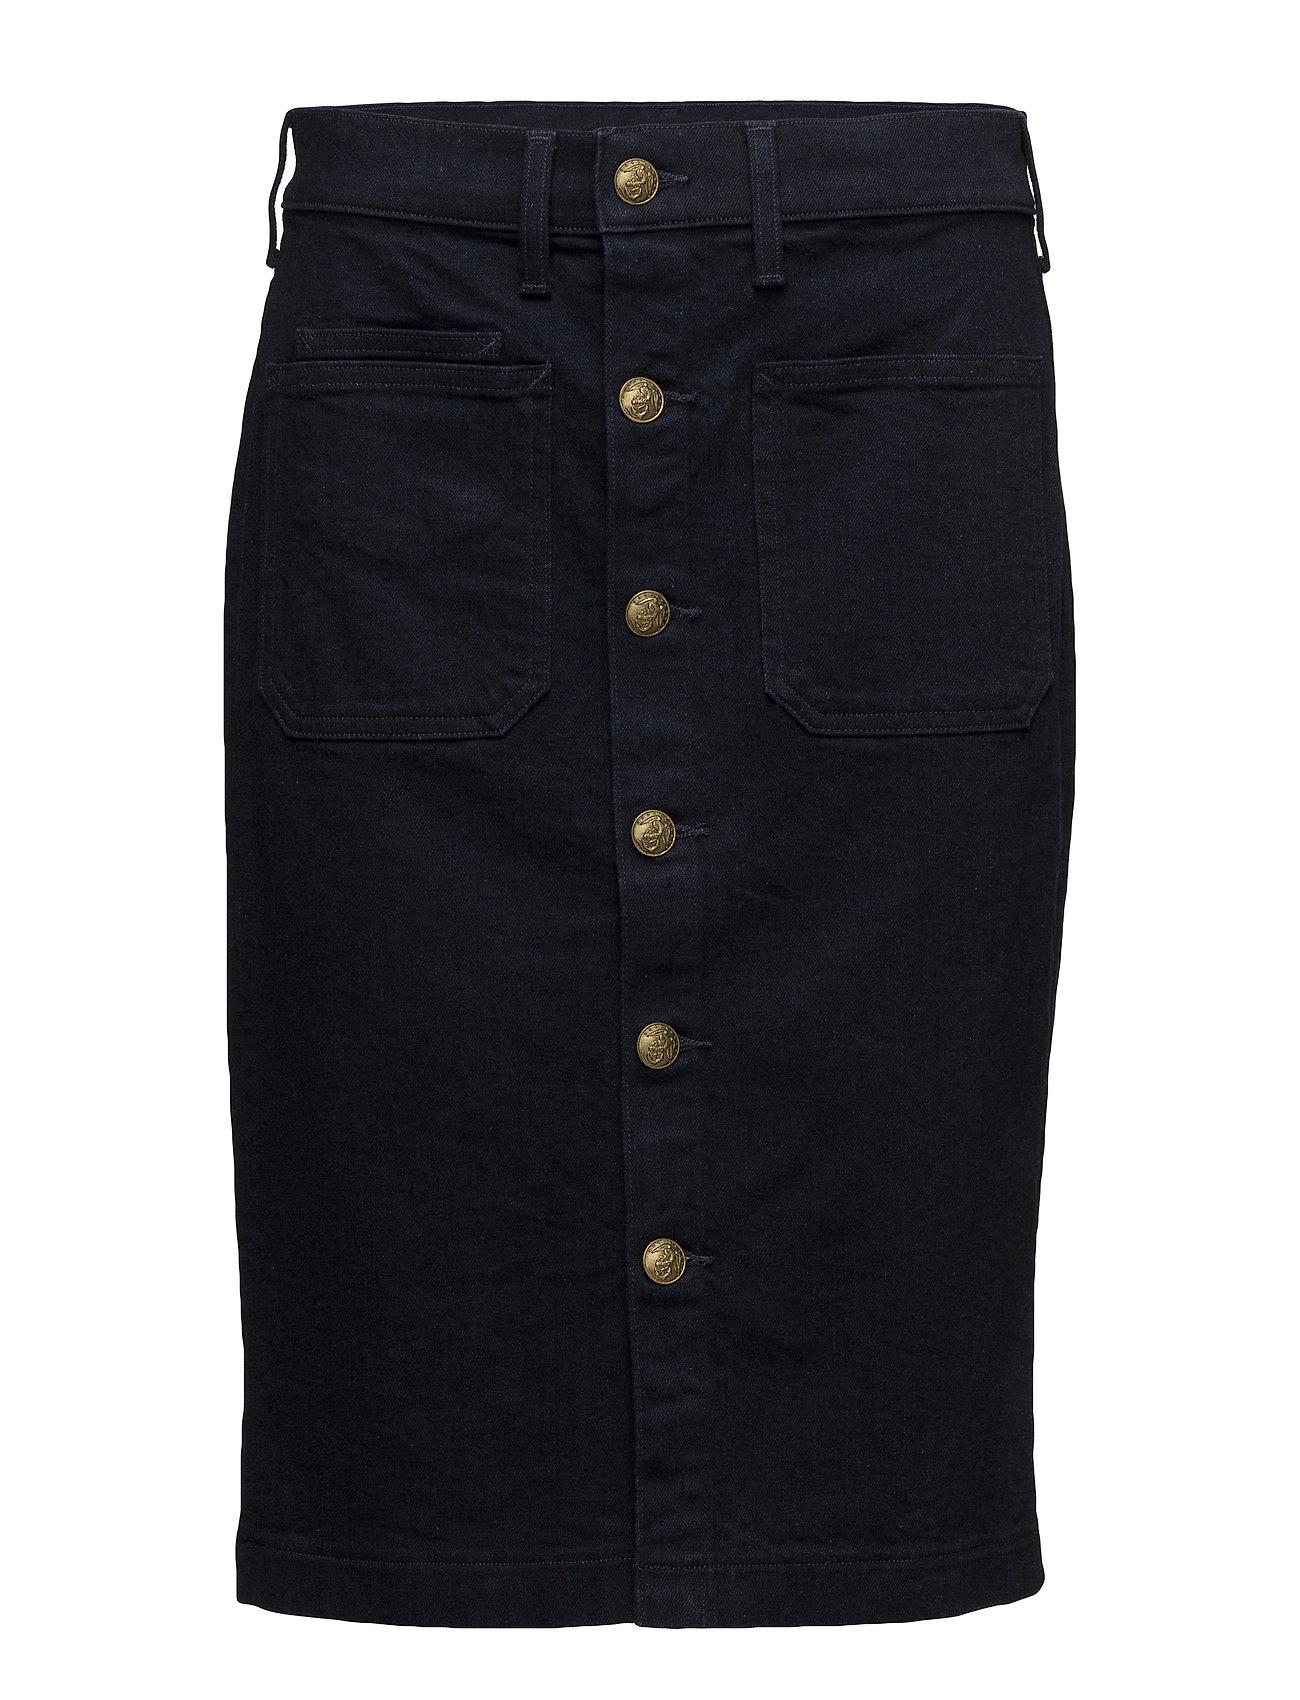 33ef0267e5 Stretch Denim Pencil Skirt (Dark Indigo) (109.97 €) - Polo Ralph ...